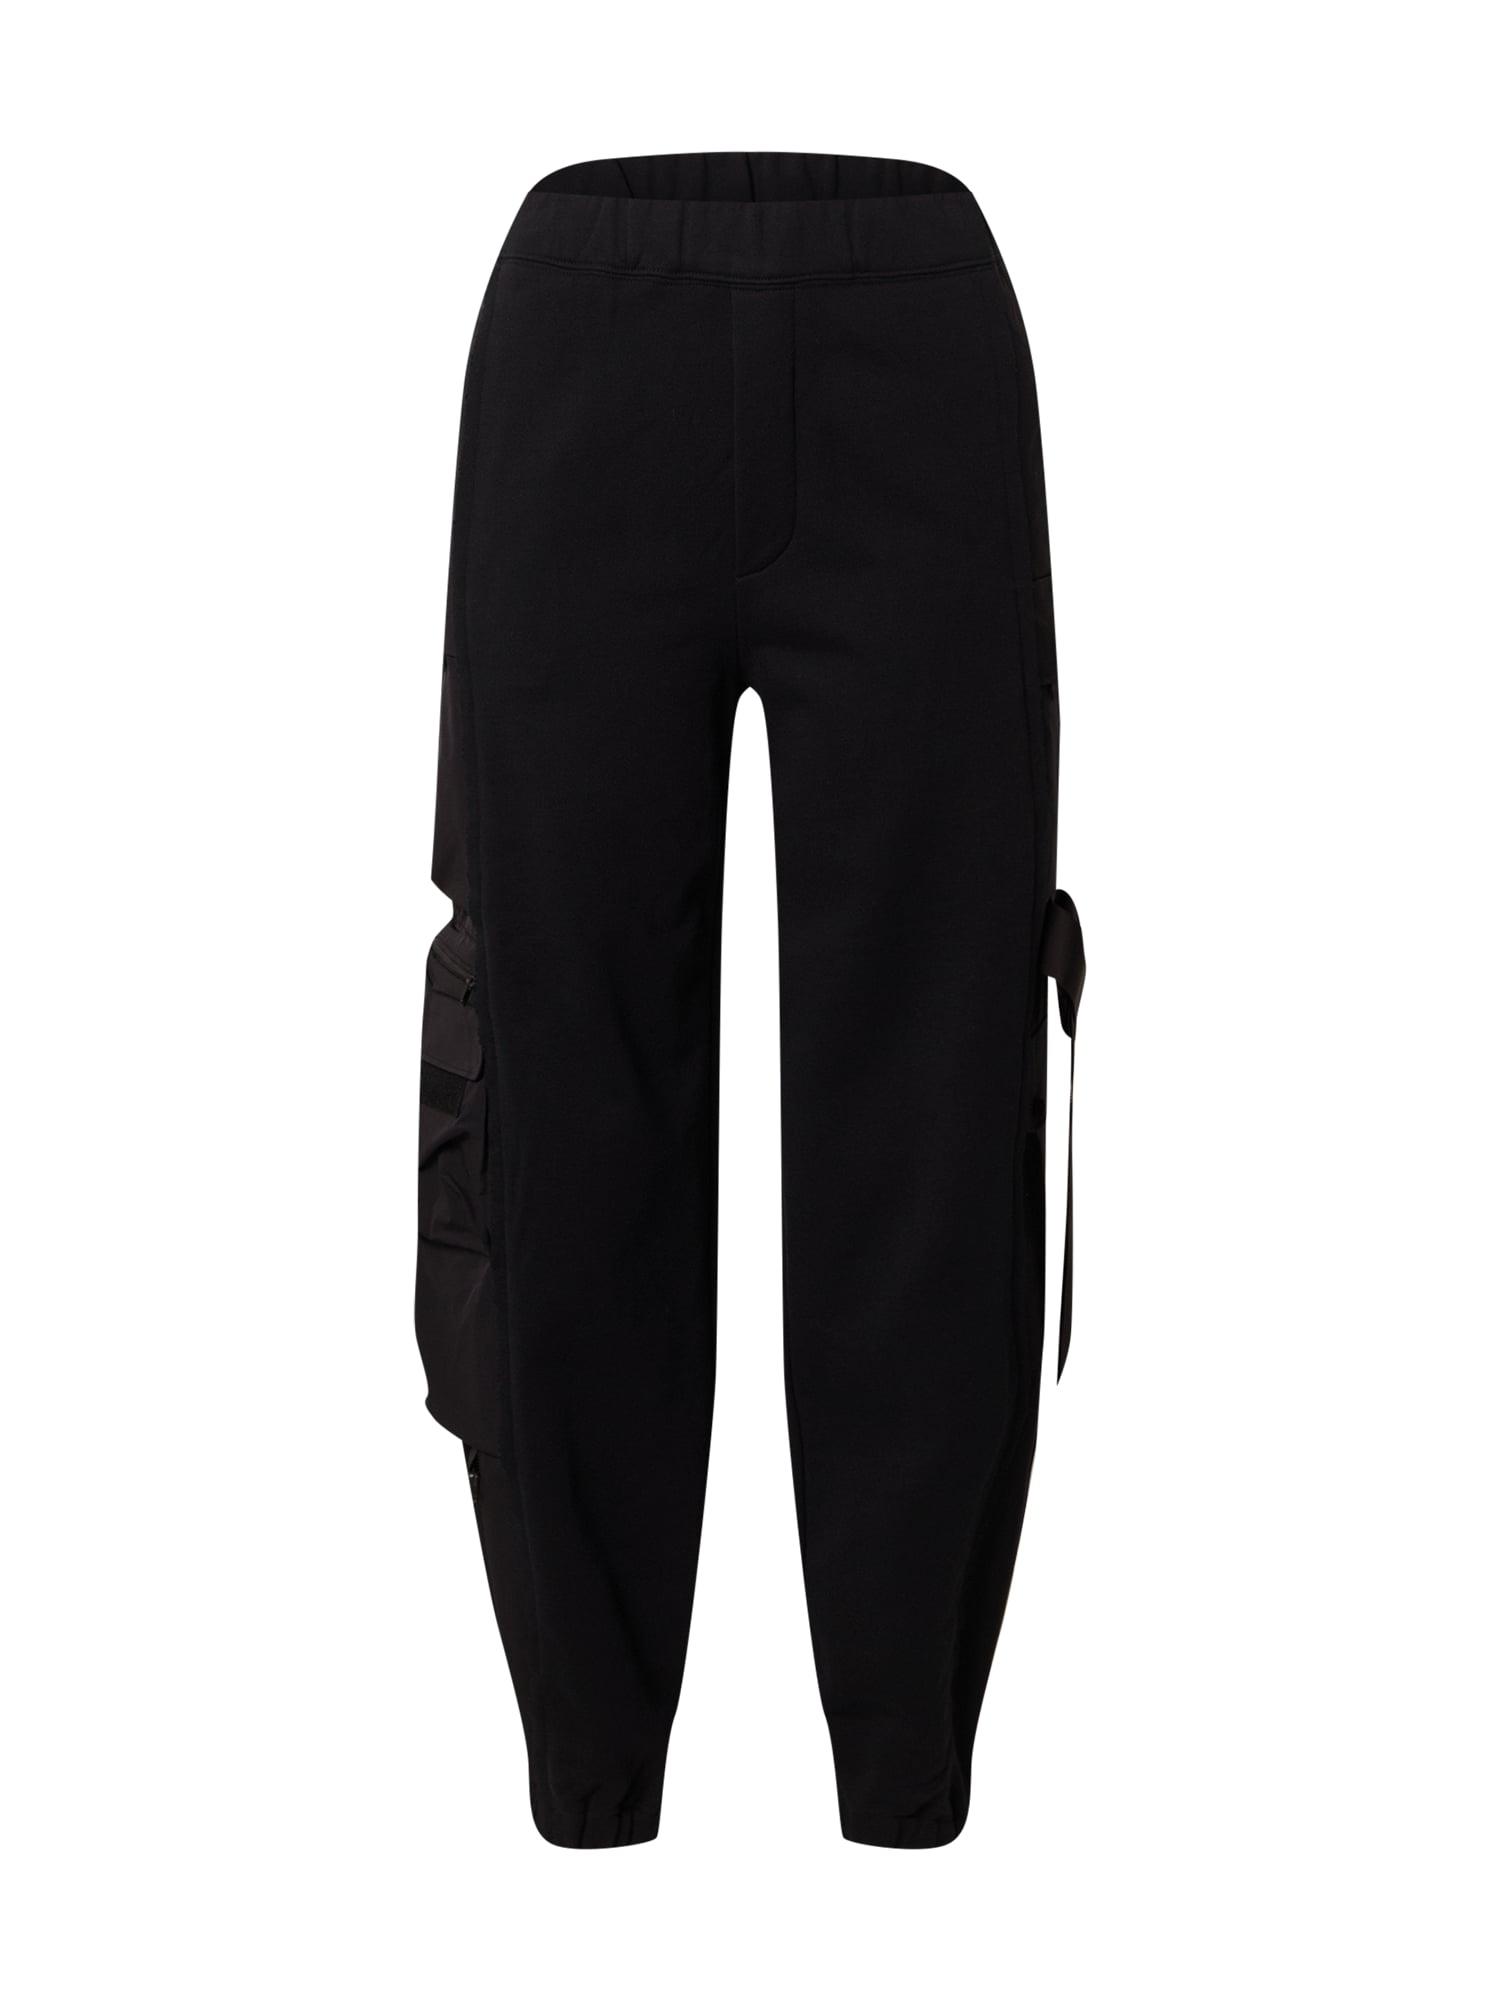 JNBY Laisvo stiliaus kelnės juoda